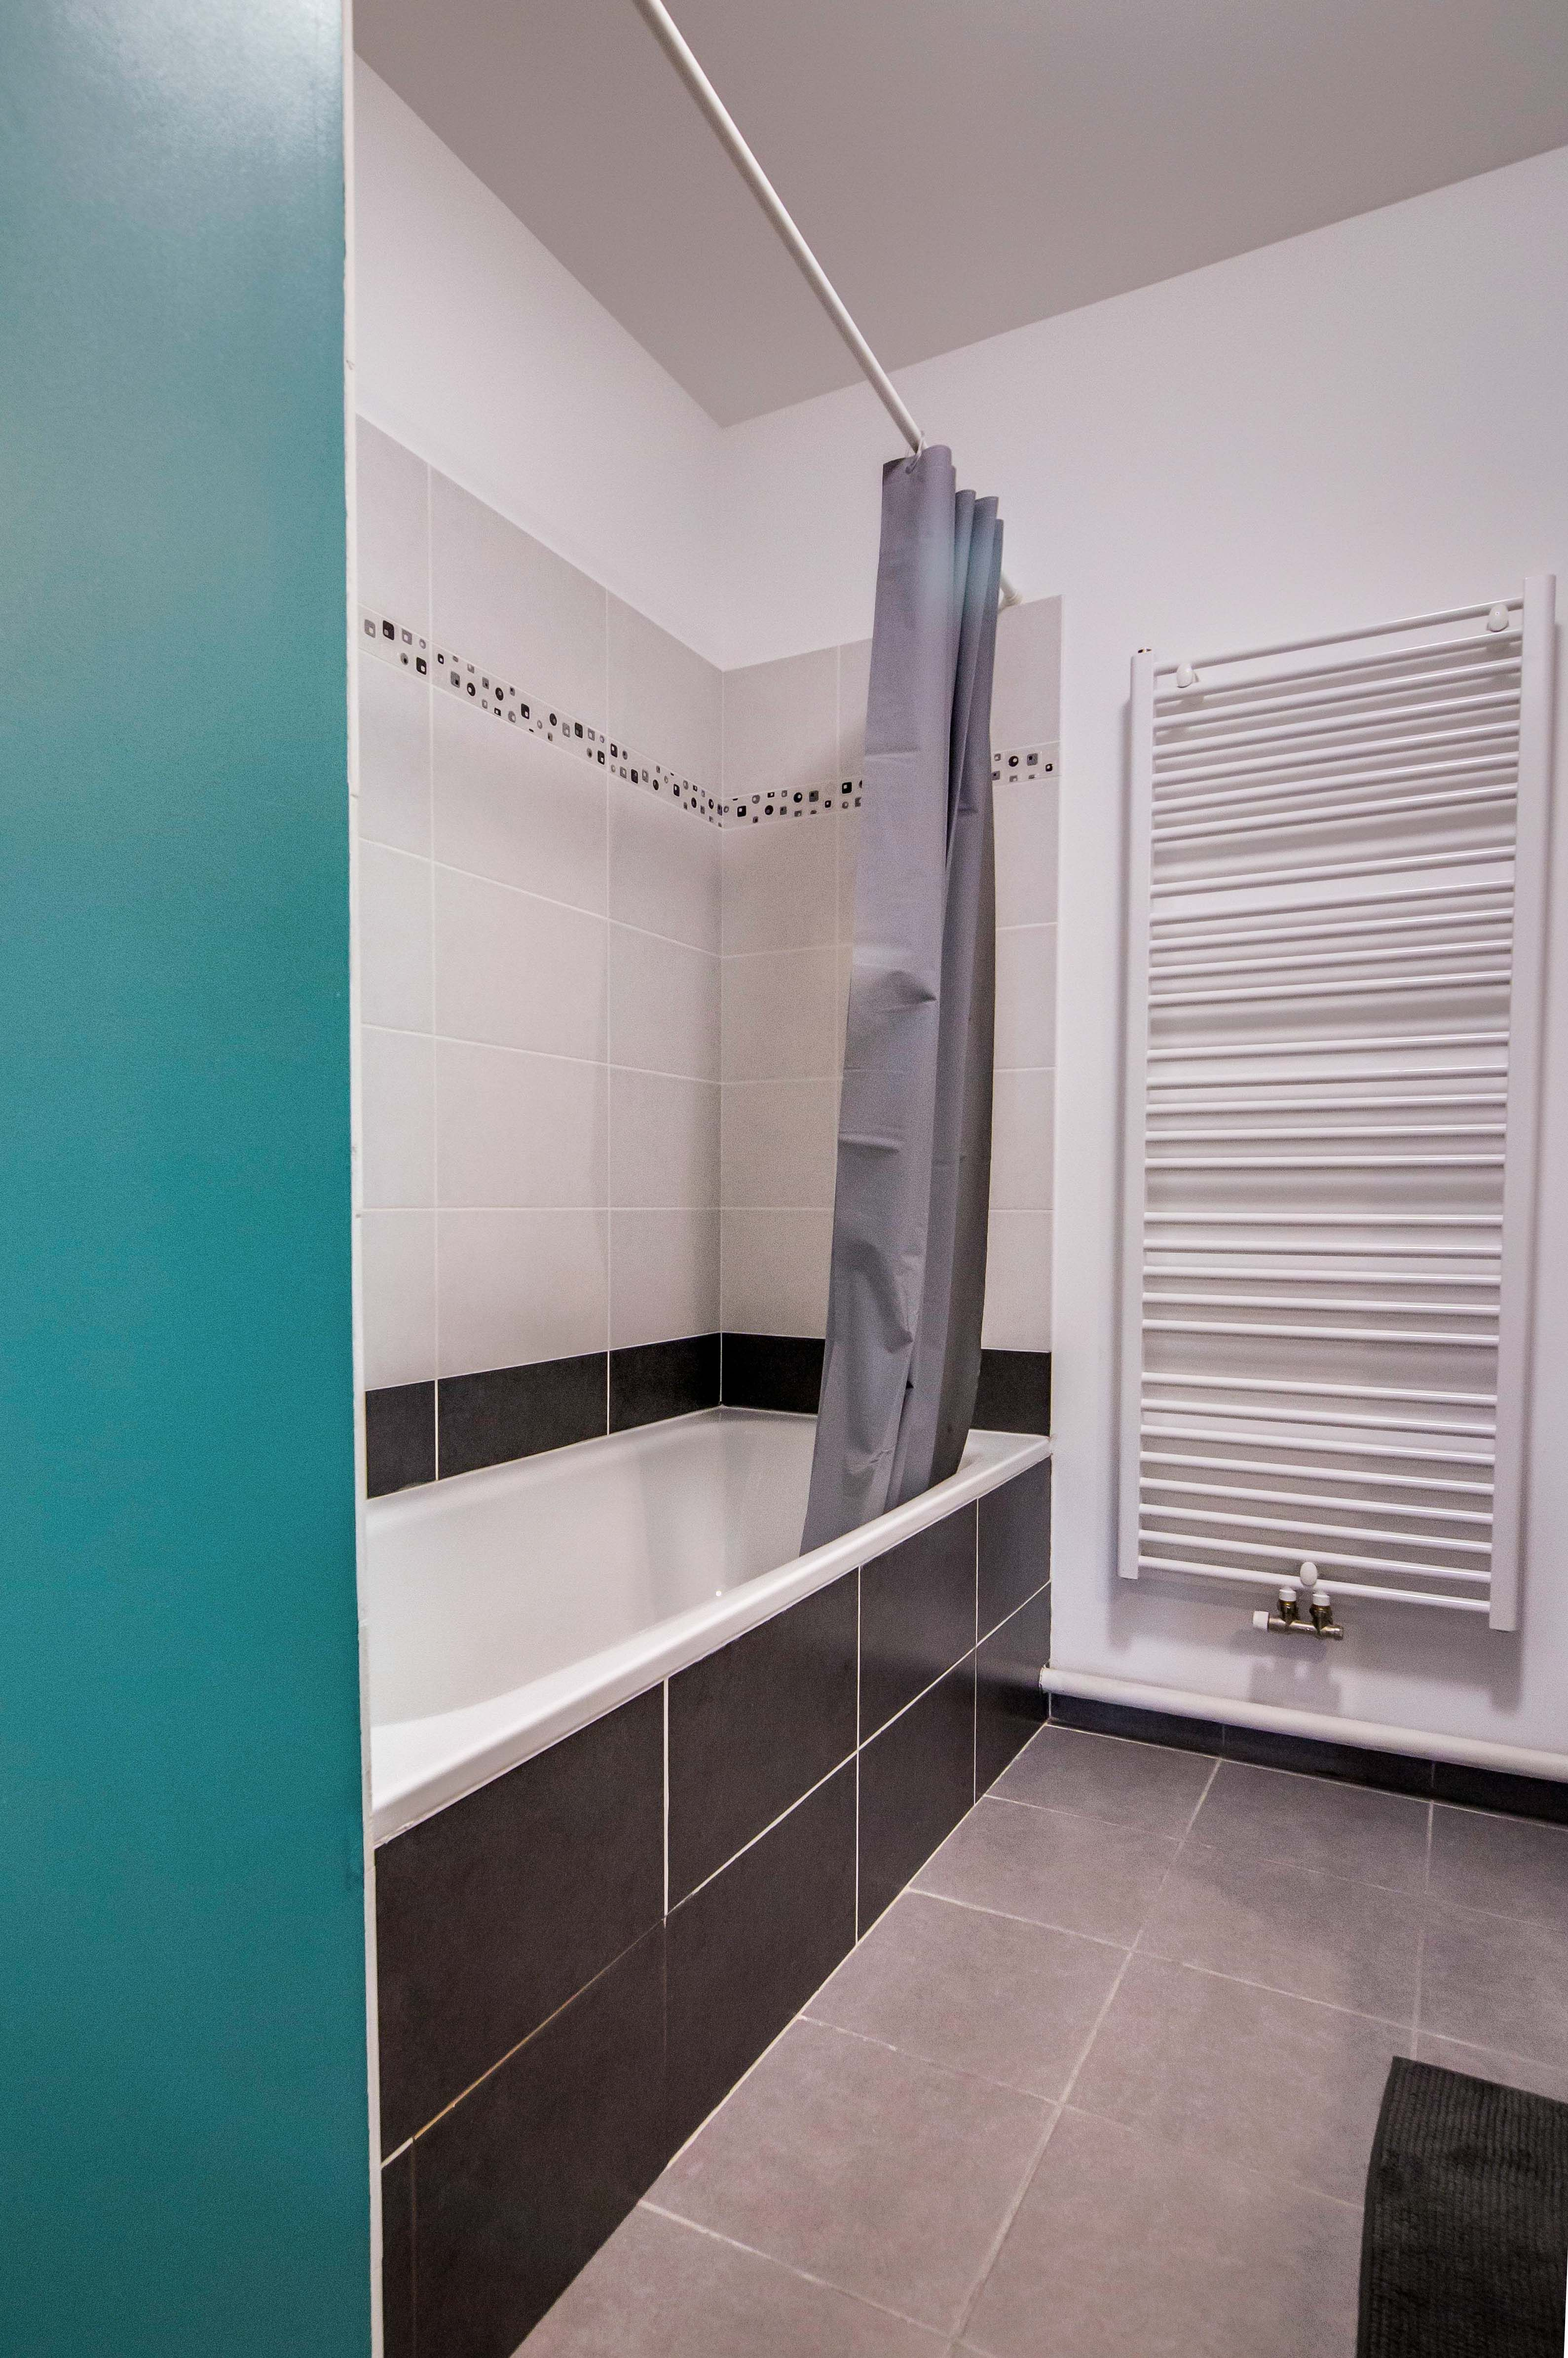 salle de bain grise et galet peinture turquoise baignoire ...